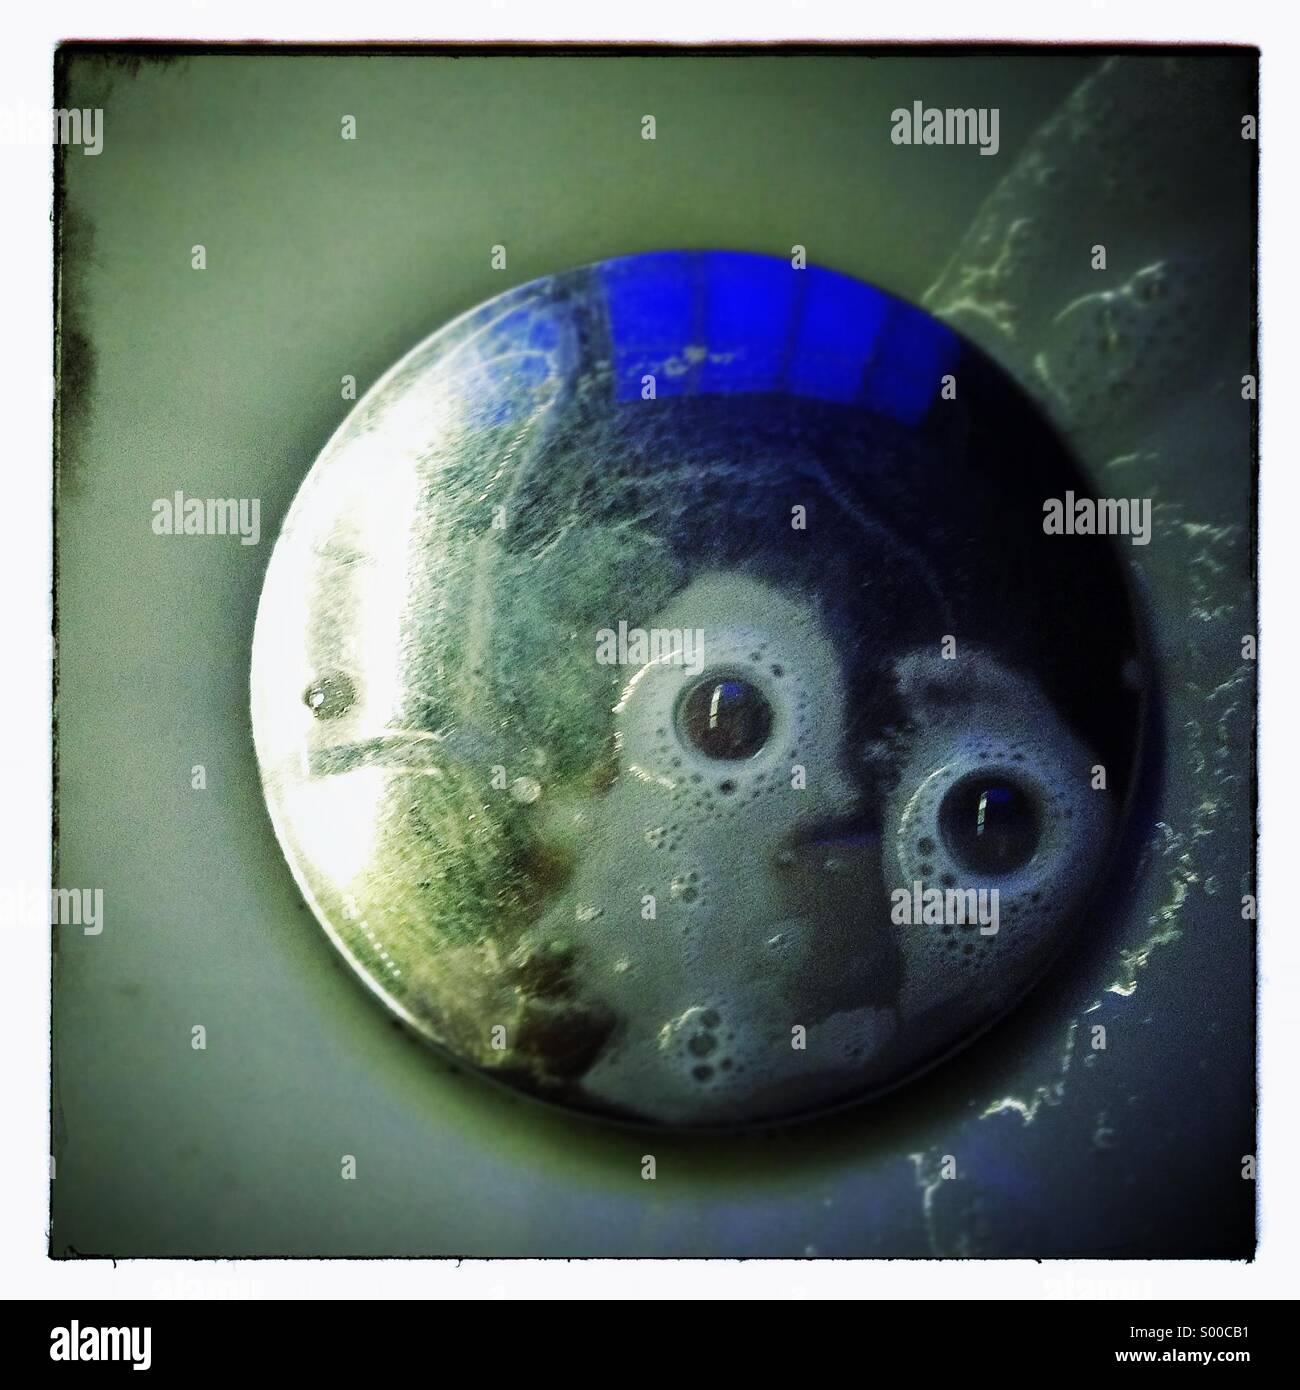 Eyes soap bubbles in a sink basinStock Photo